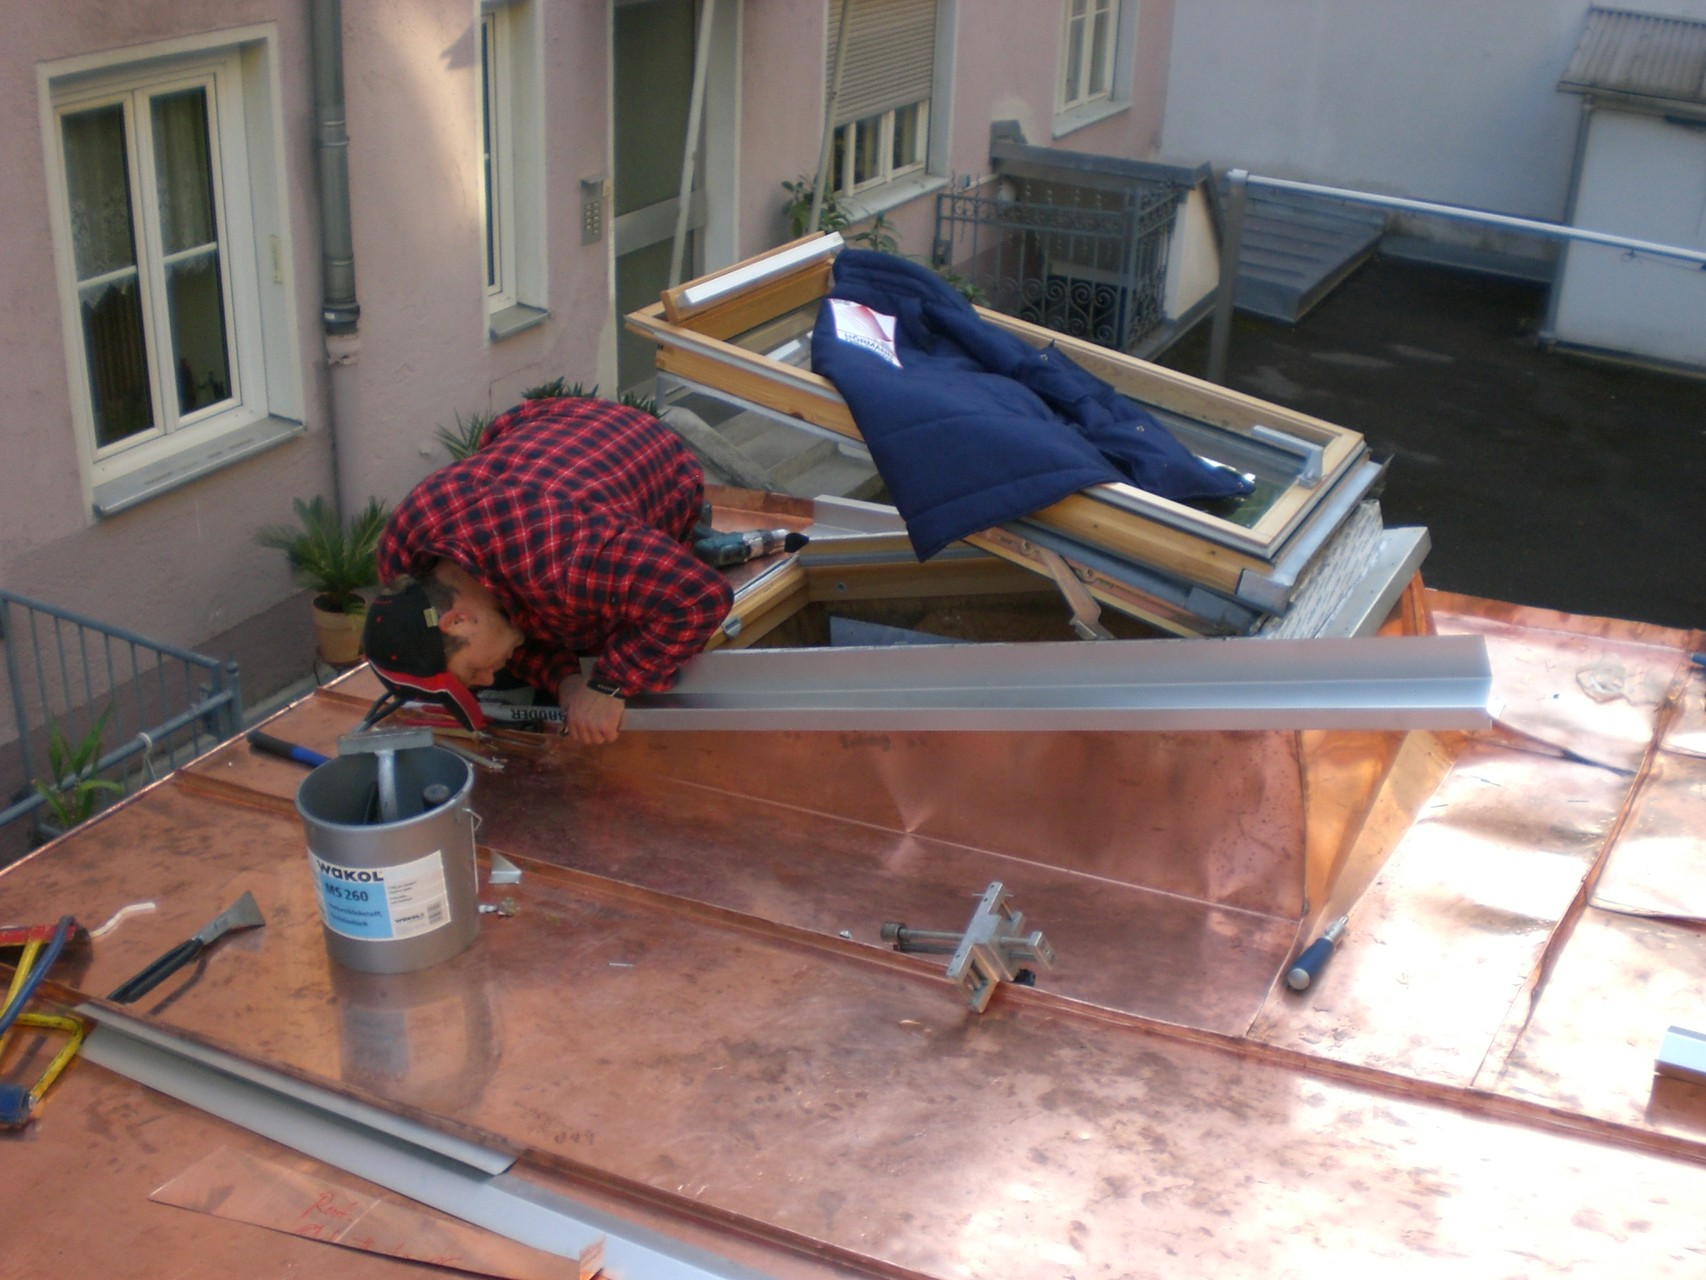 Garagenhof München: Blechdacheindeckung eines Garagenhofs, alle Garagen mit Fenstern und zahlreichen Ausfalzungen.